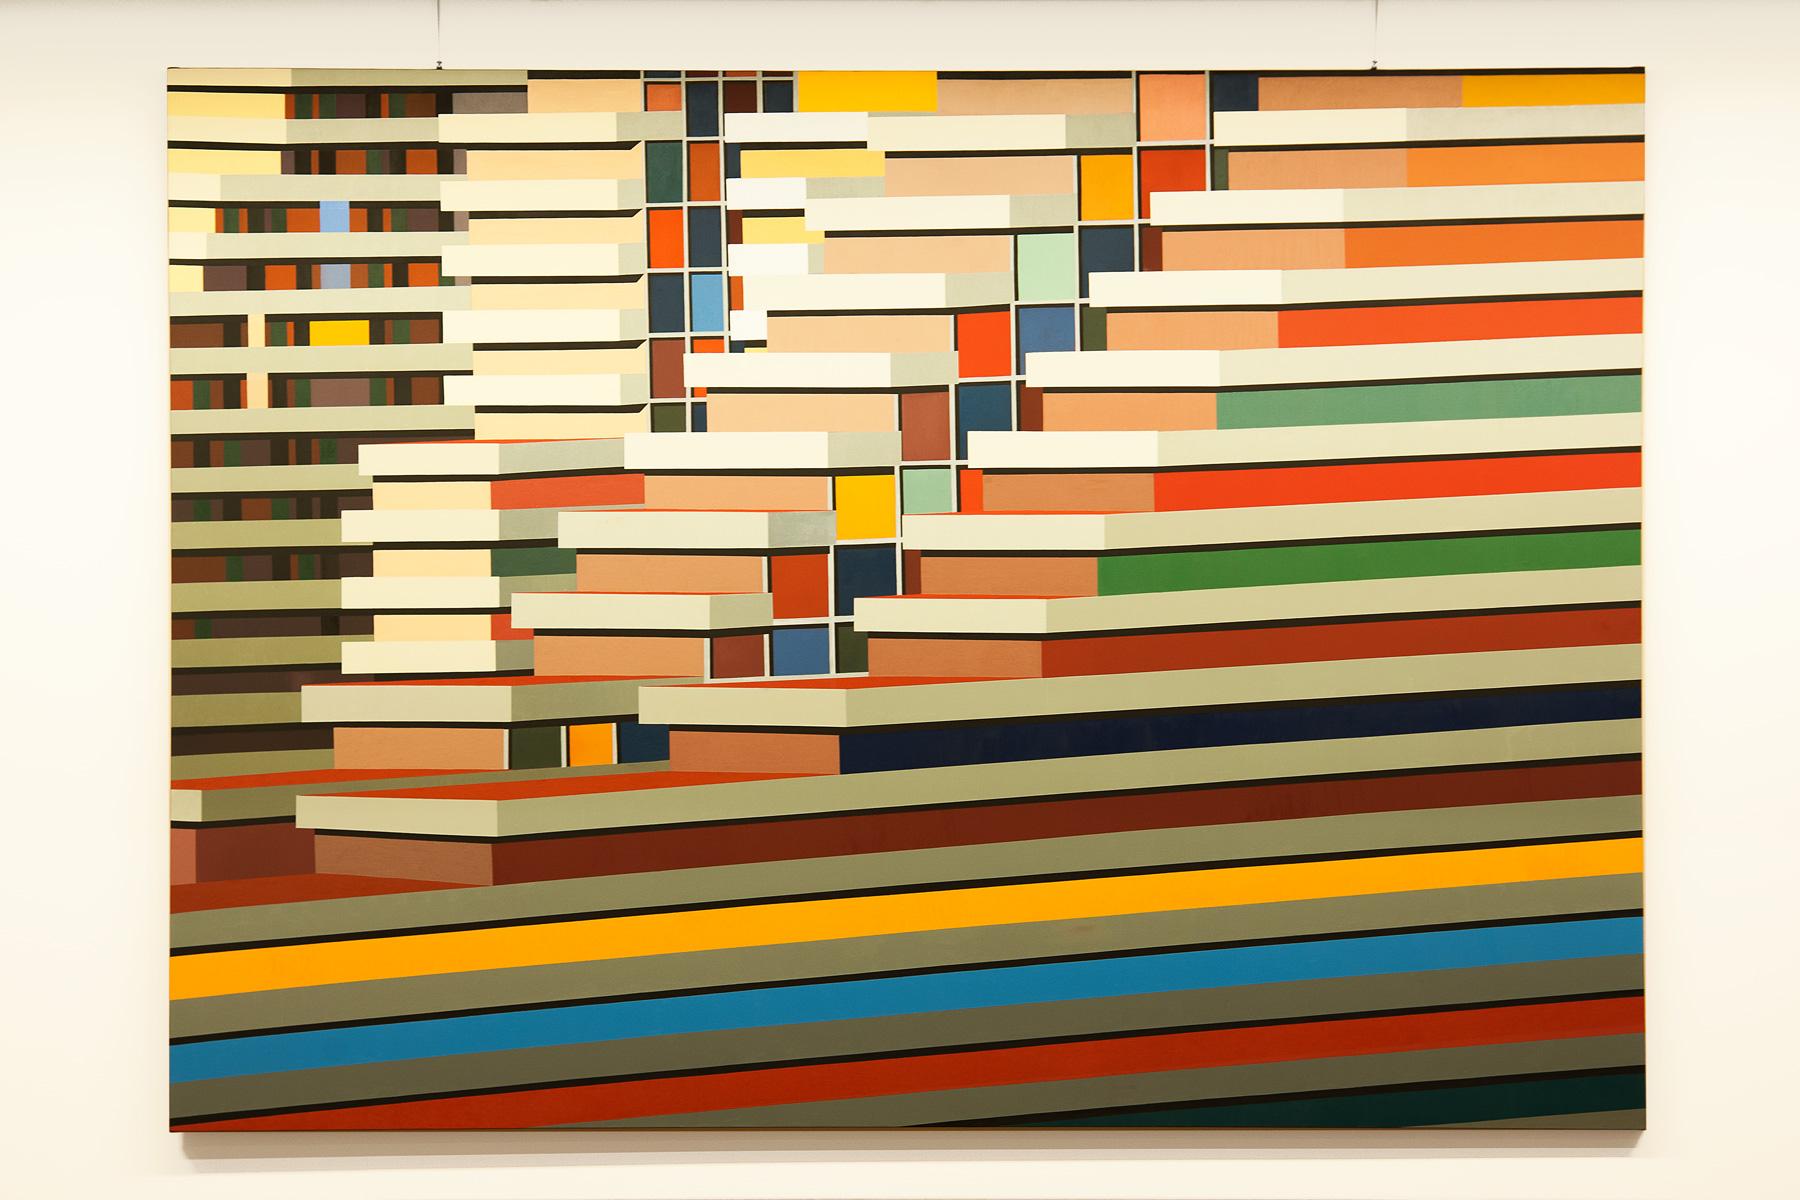 Marco Petrus, M21 (2016), olio su tela, 180 x 250 cm